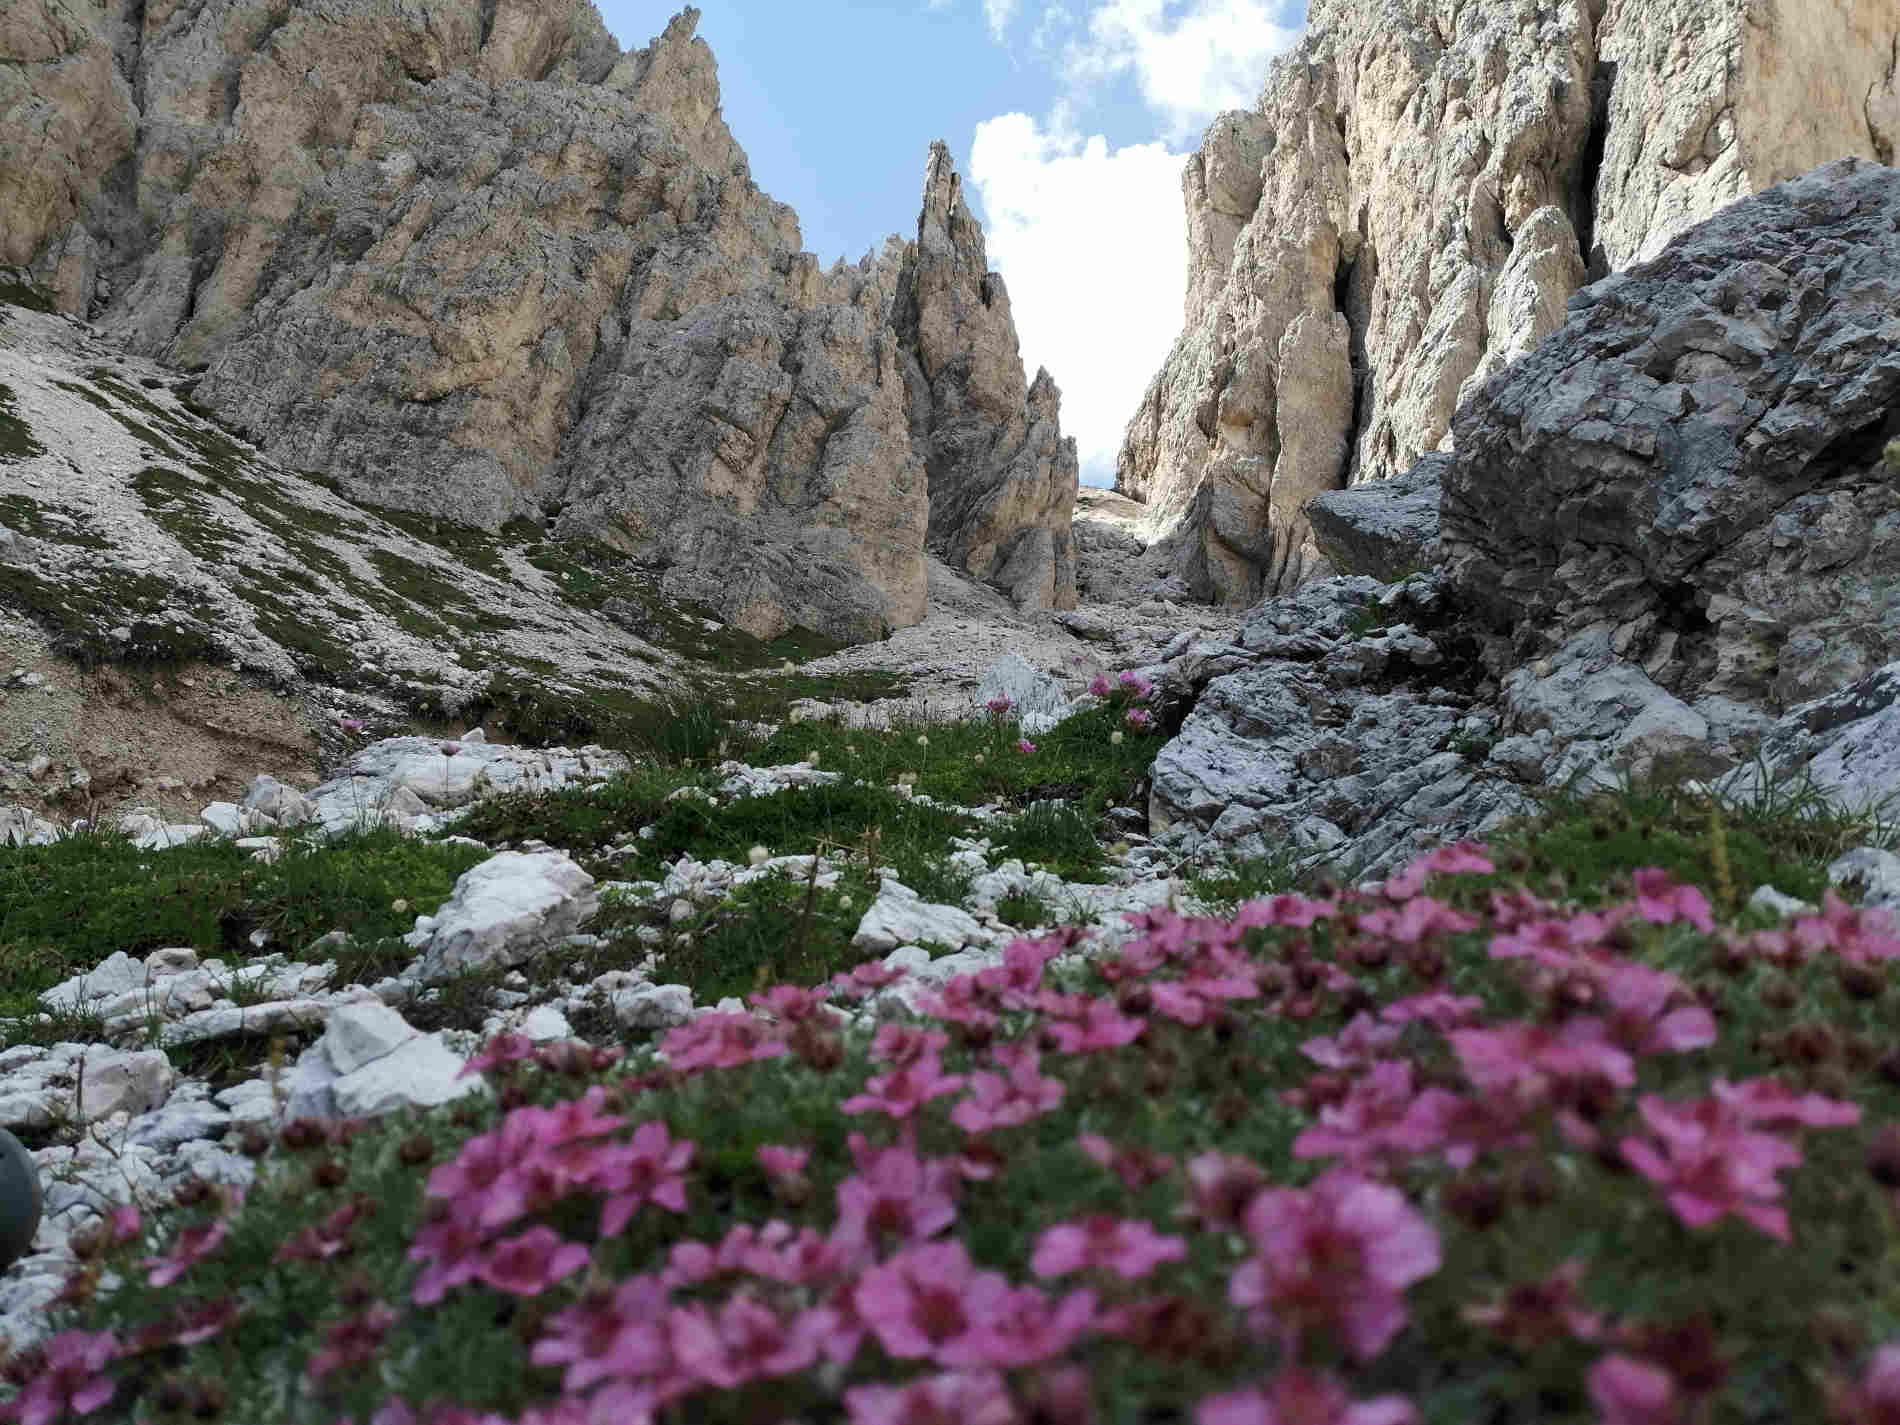 Dolomiti sito UNESCO italiano panorama vallate a primavera con fiori